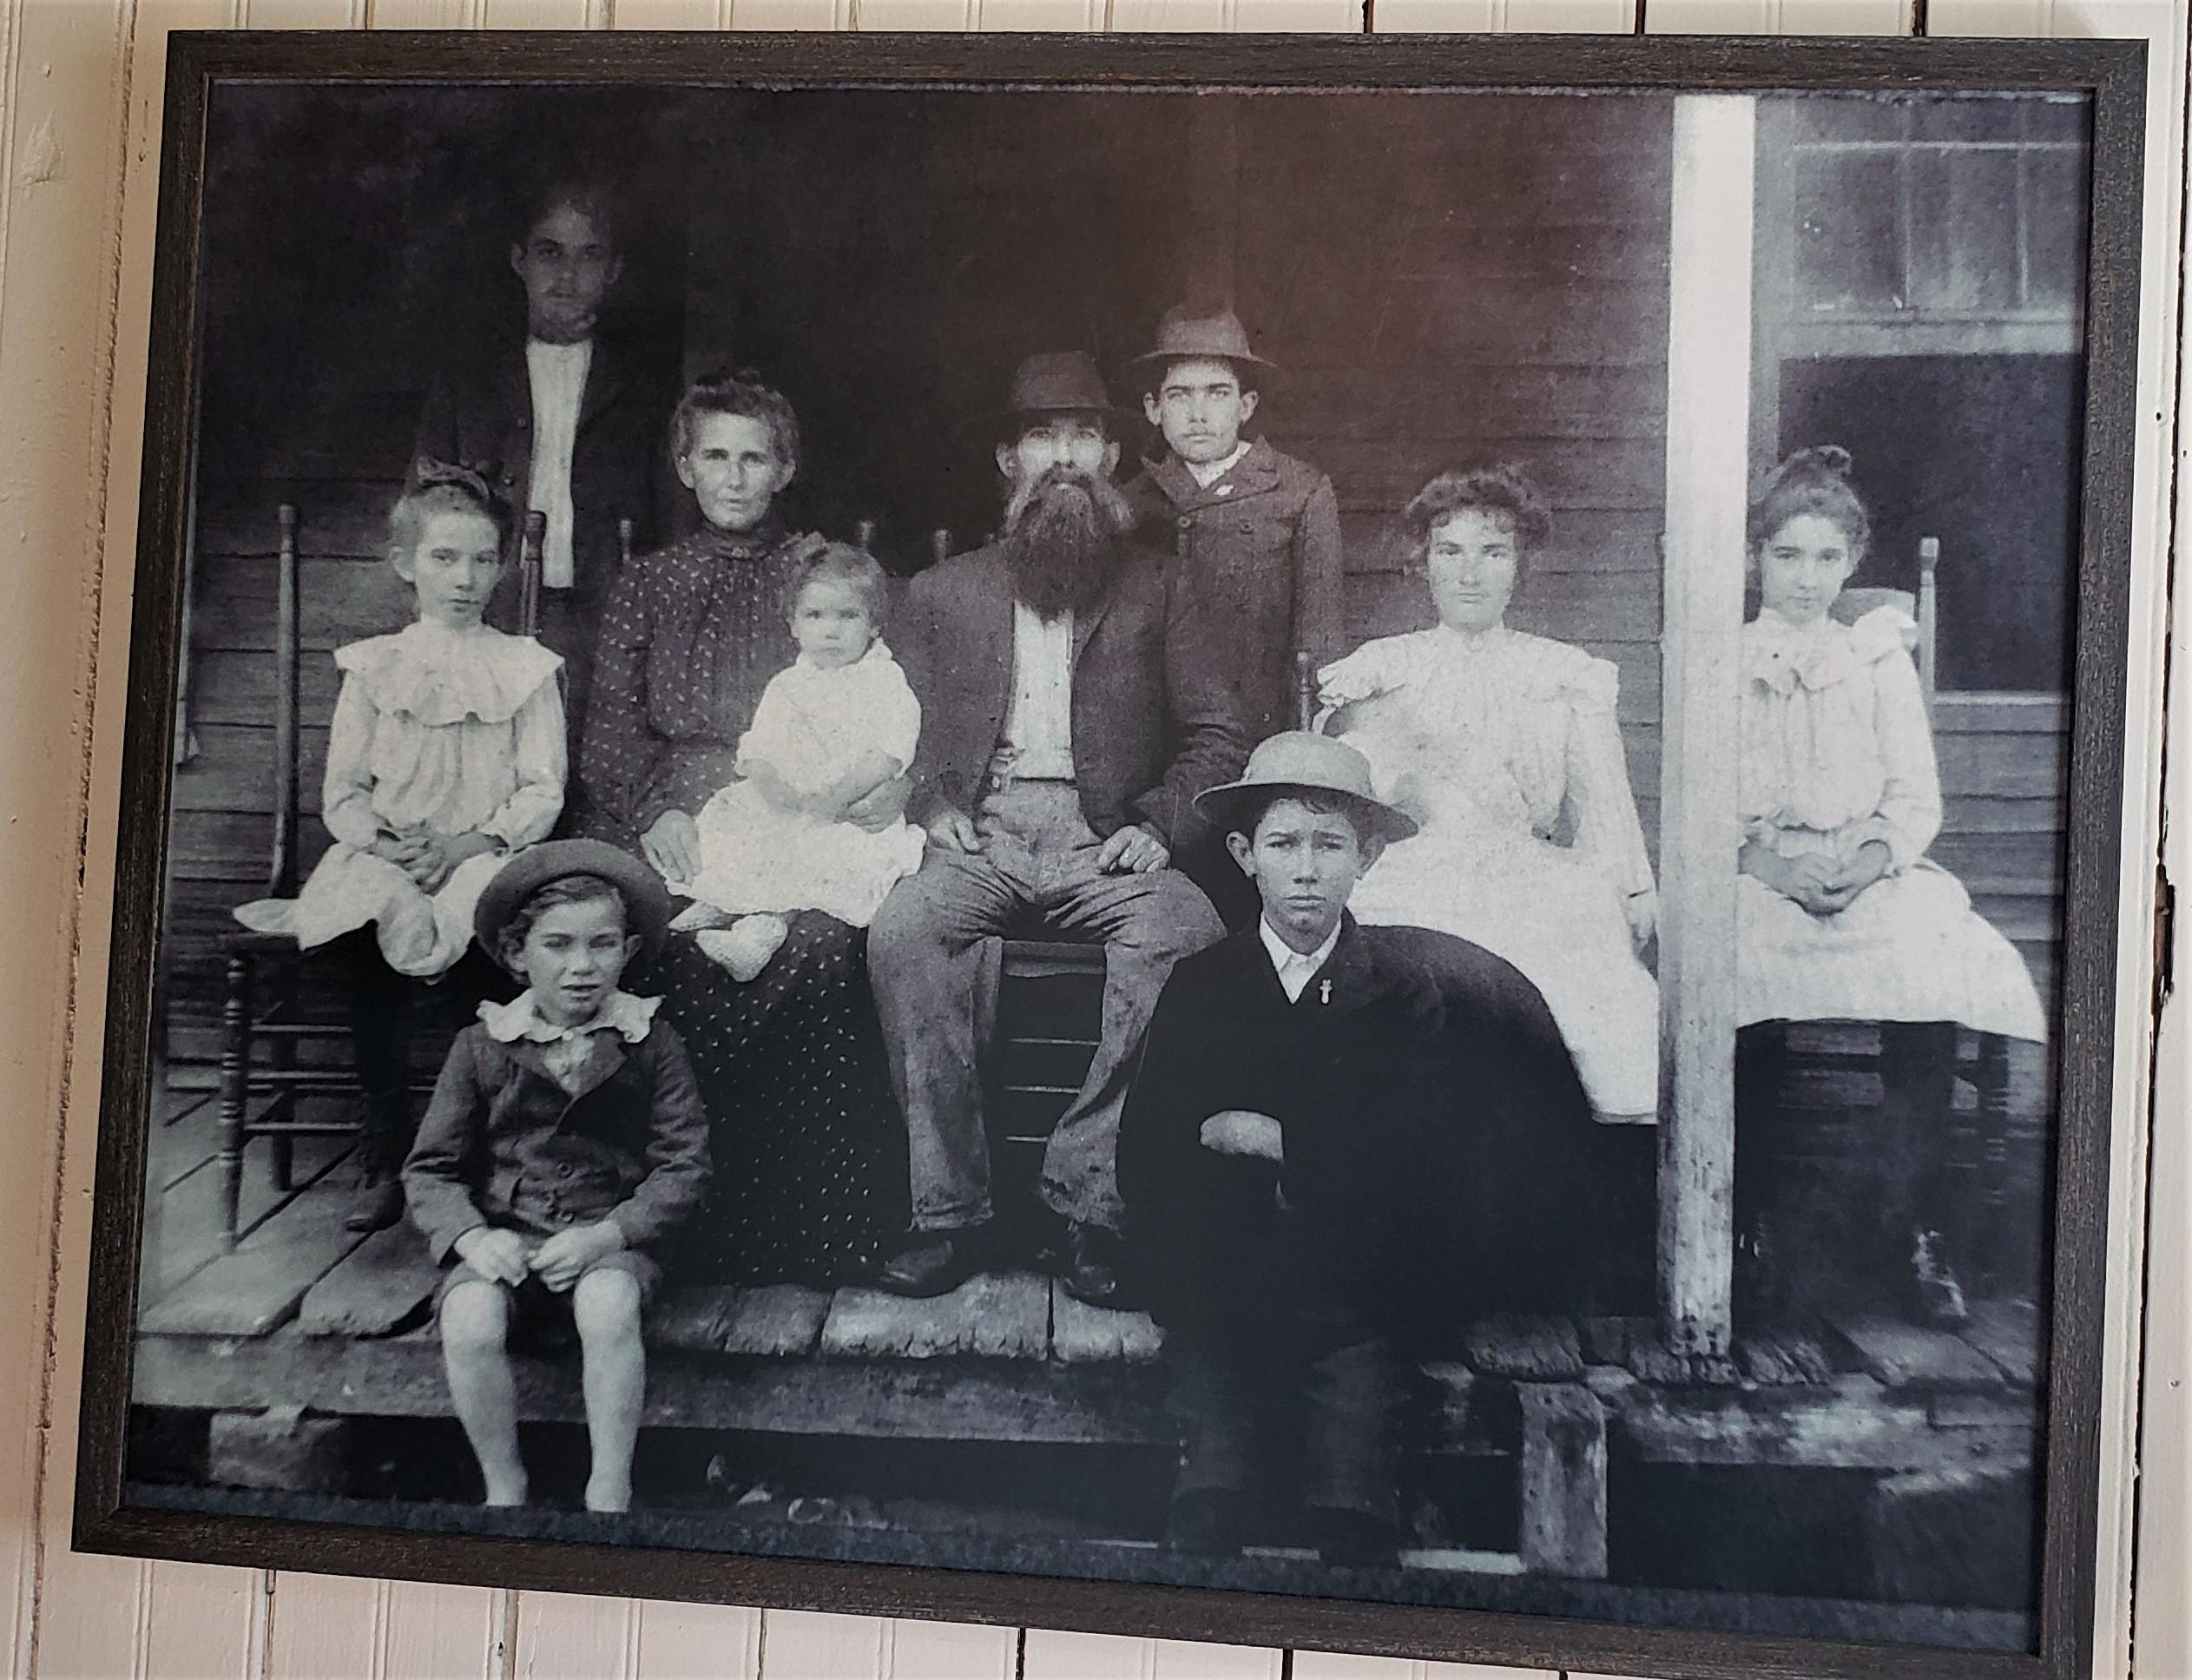 Tom and Ella Oesterreicher and their children